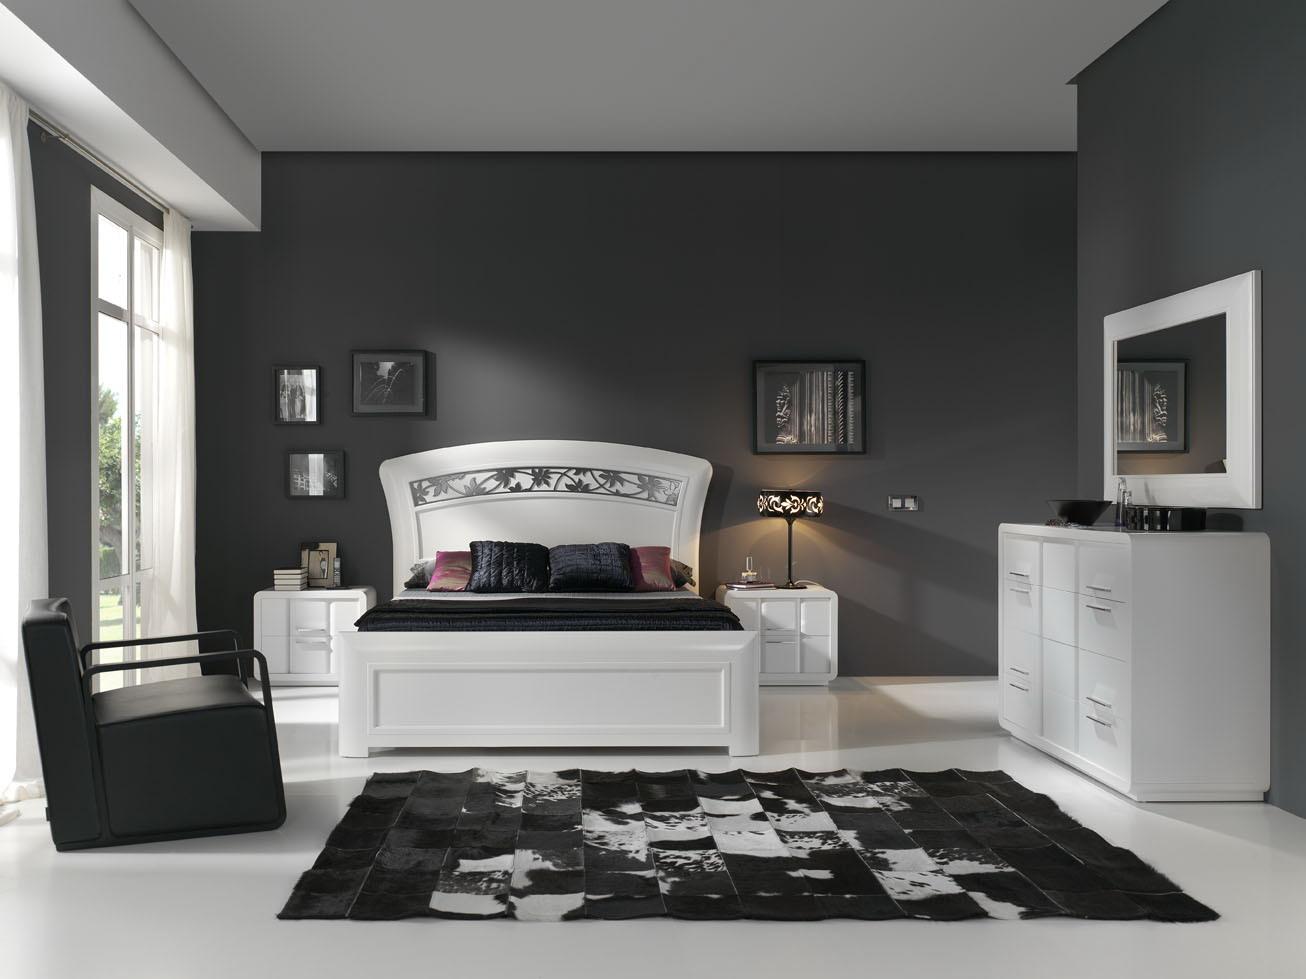 Dormitorios estilo moderno muebles andaluc a for Dormitorios matrimonio clasicos baratos